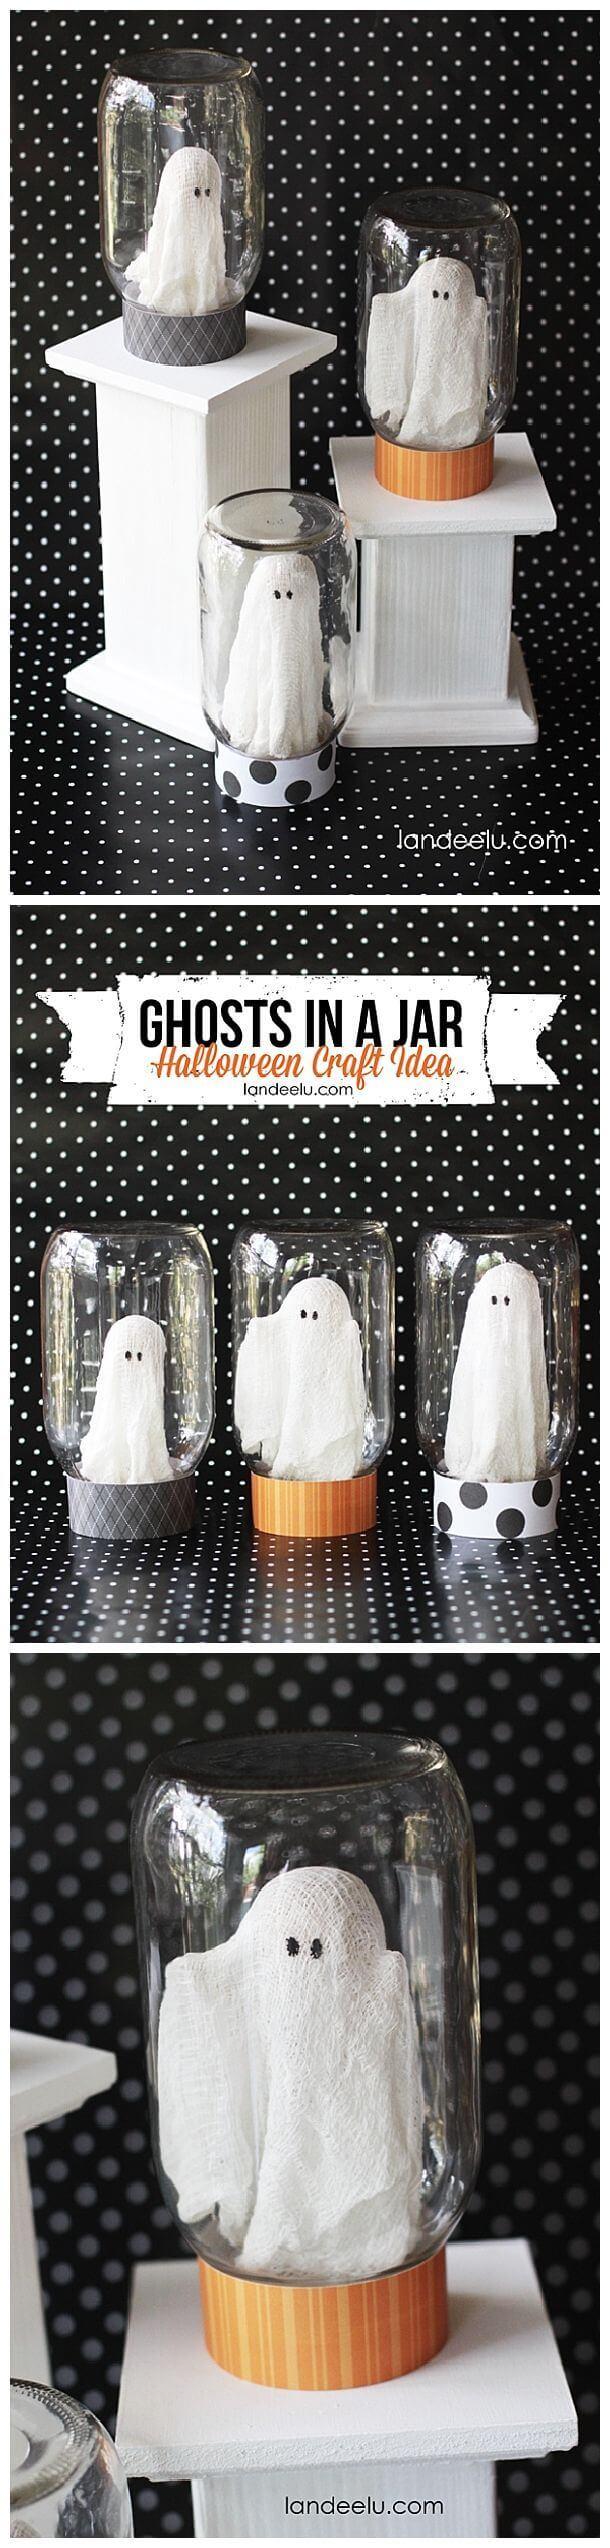 30 kreative DIY Einmachglas Halloween Crafts, um Ihren Herbst-Dekor aufzupeppen